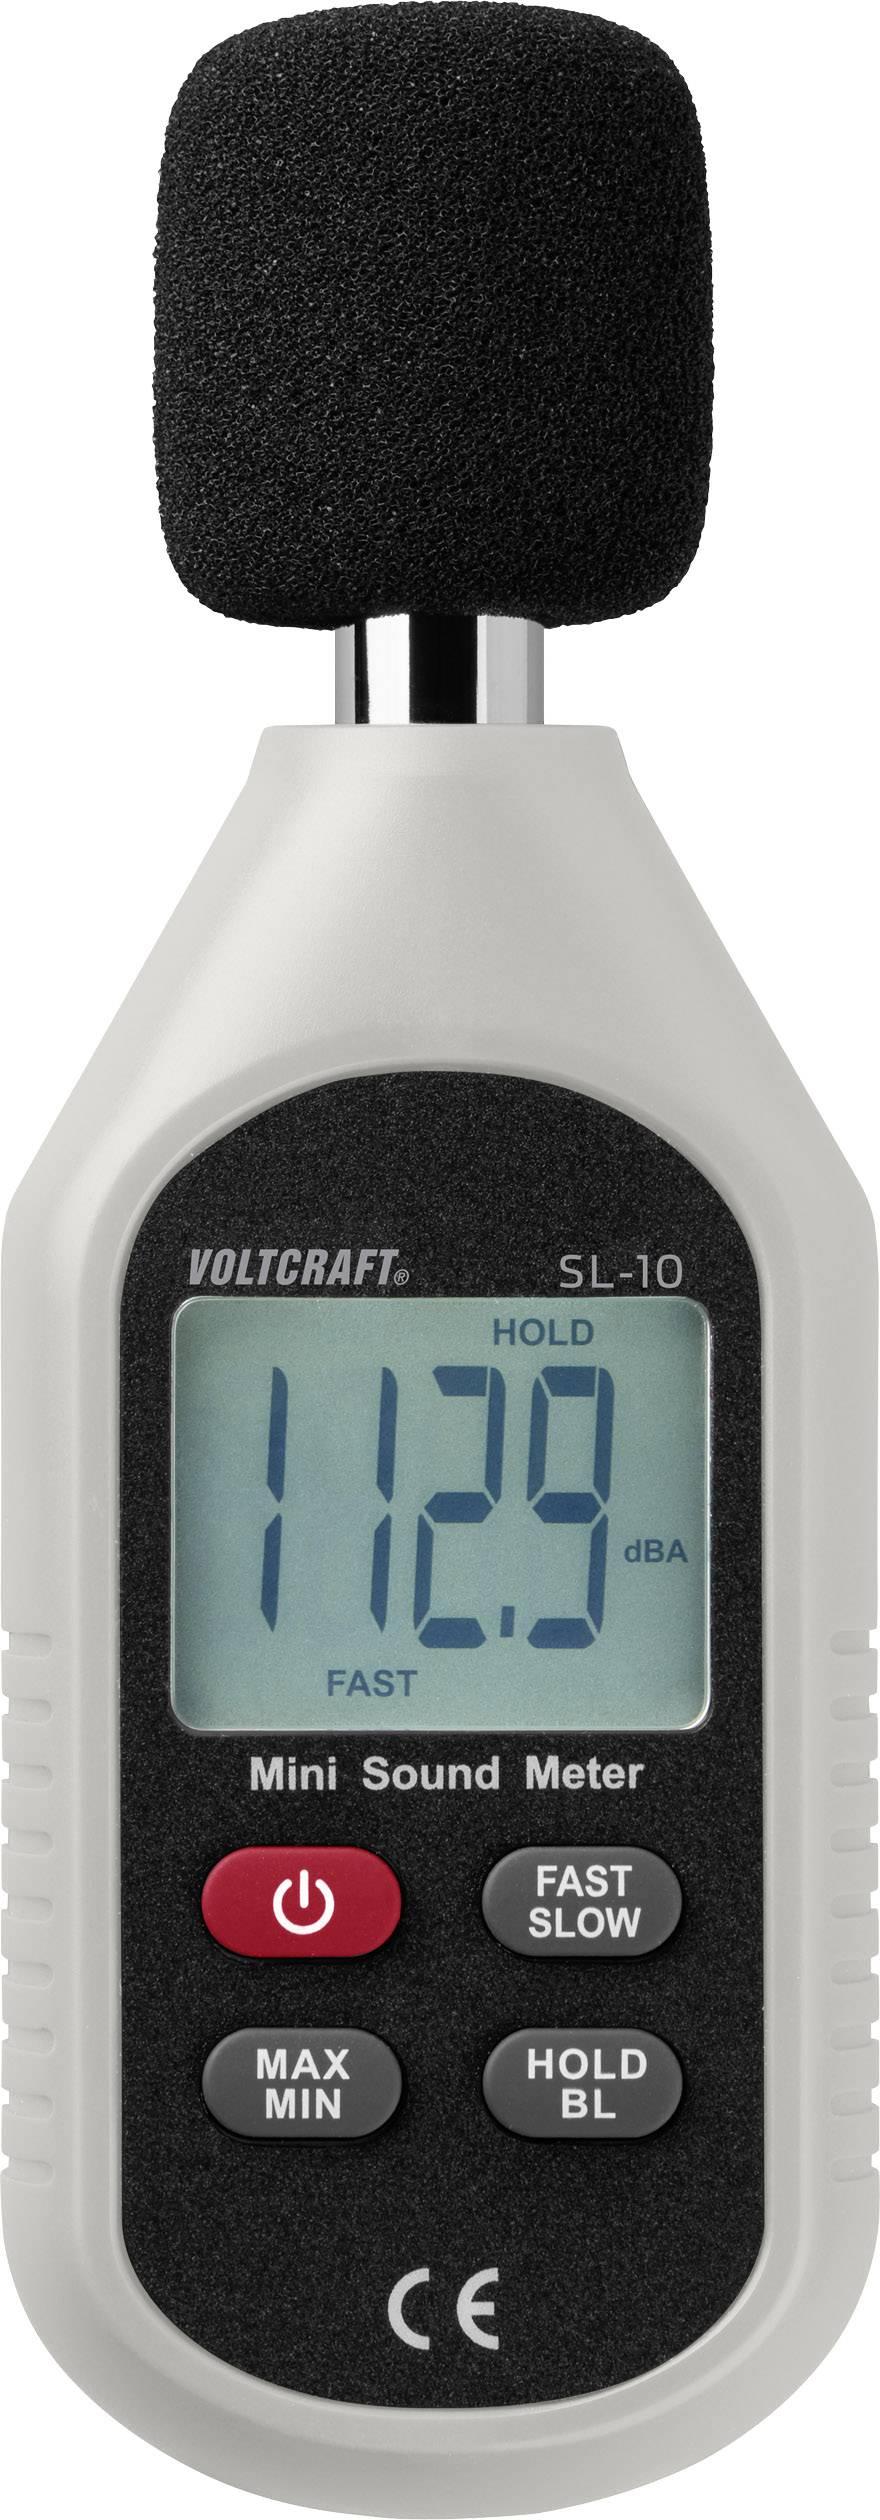 Hlukoměr VOLTCRAFT SL-10, 30 - 130 dB, 31.5 Hz - 8 kHz, Kalibrováno dle:bez certifikátu